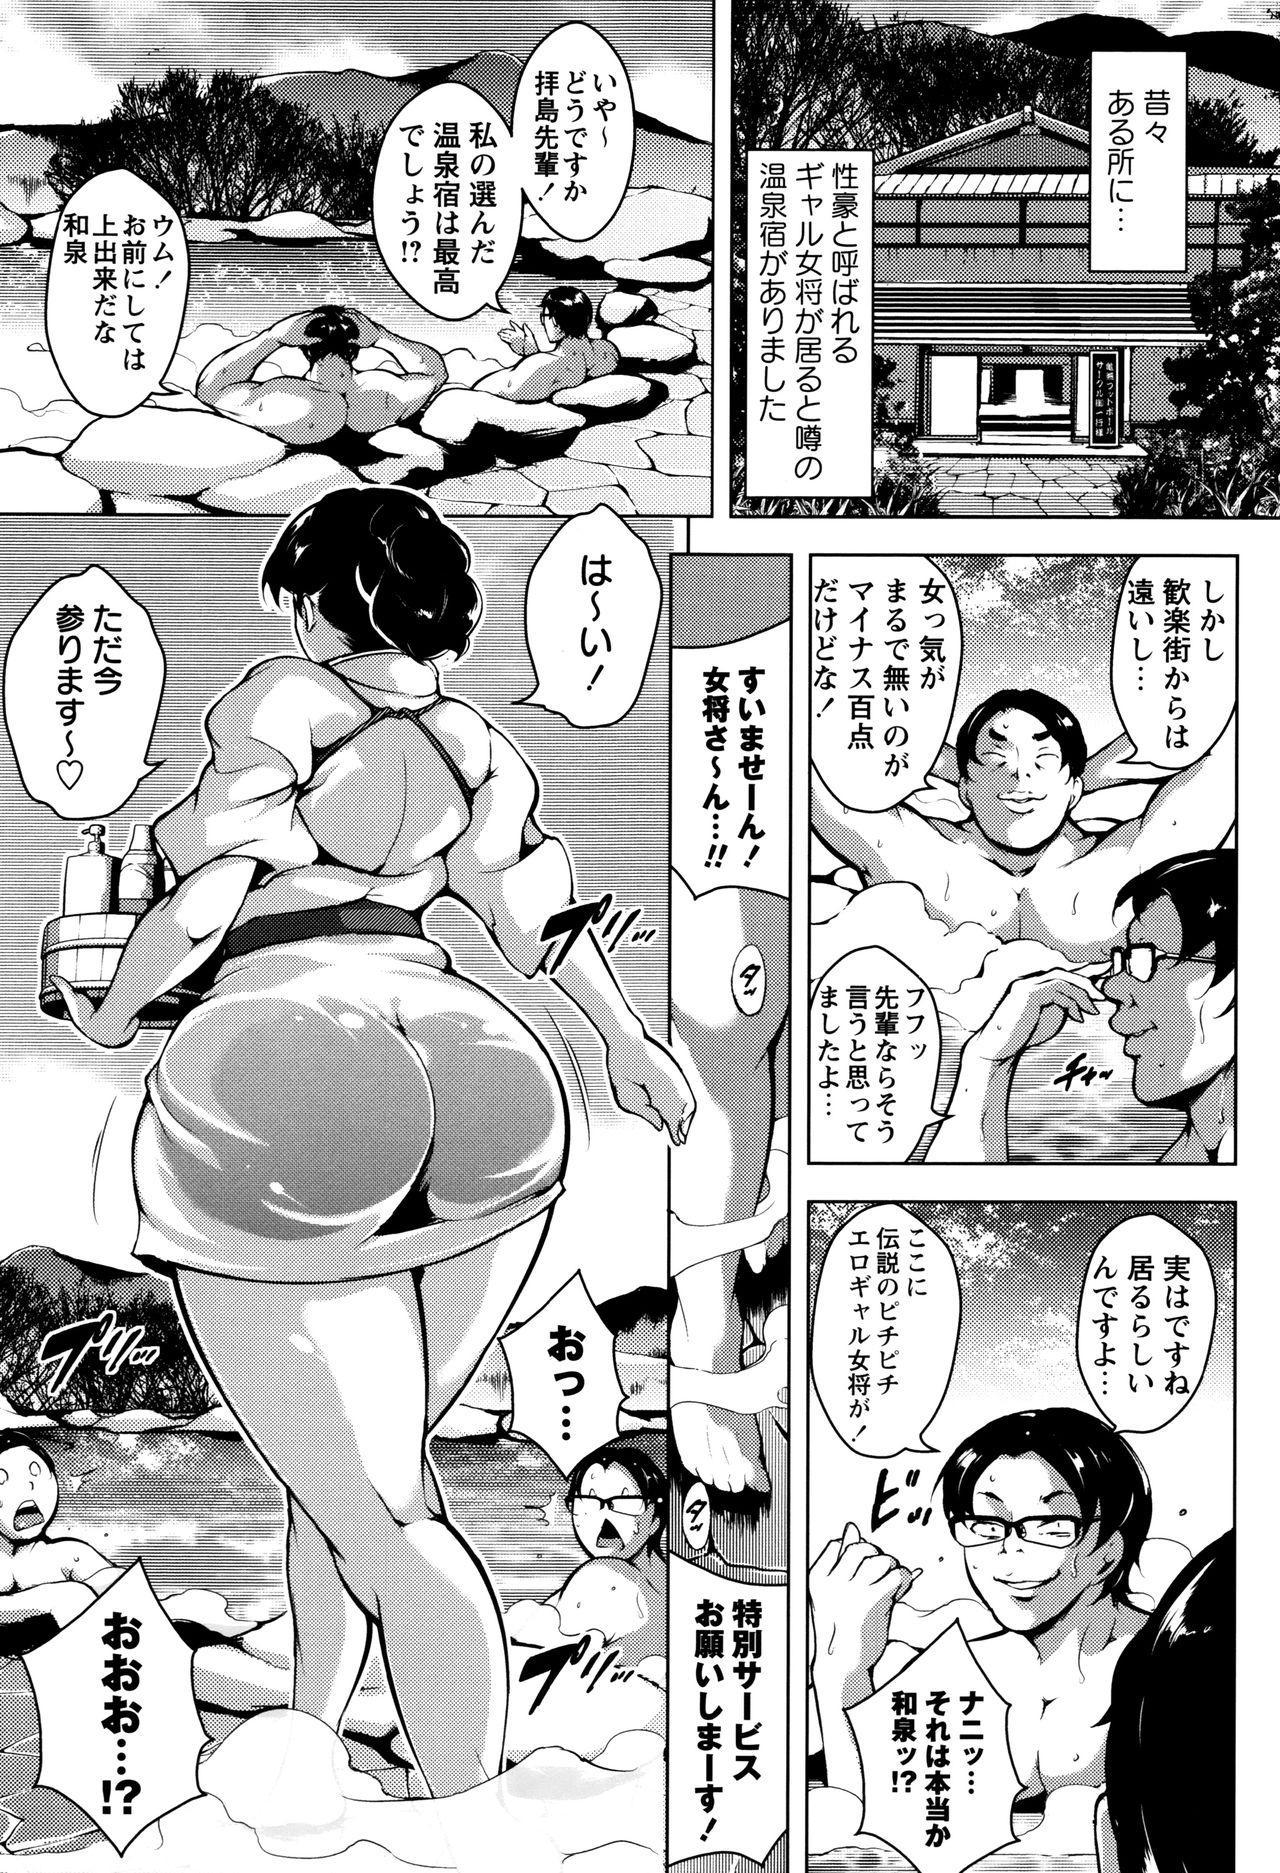 Ero BBA ♥ Dosukebe Ha Sengen 70